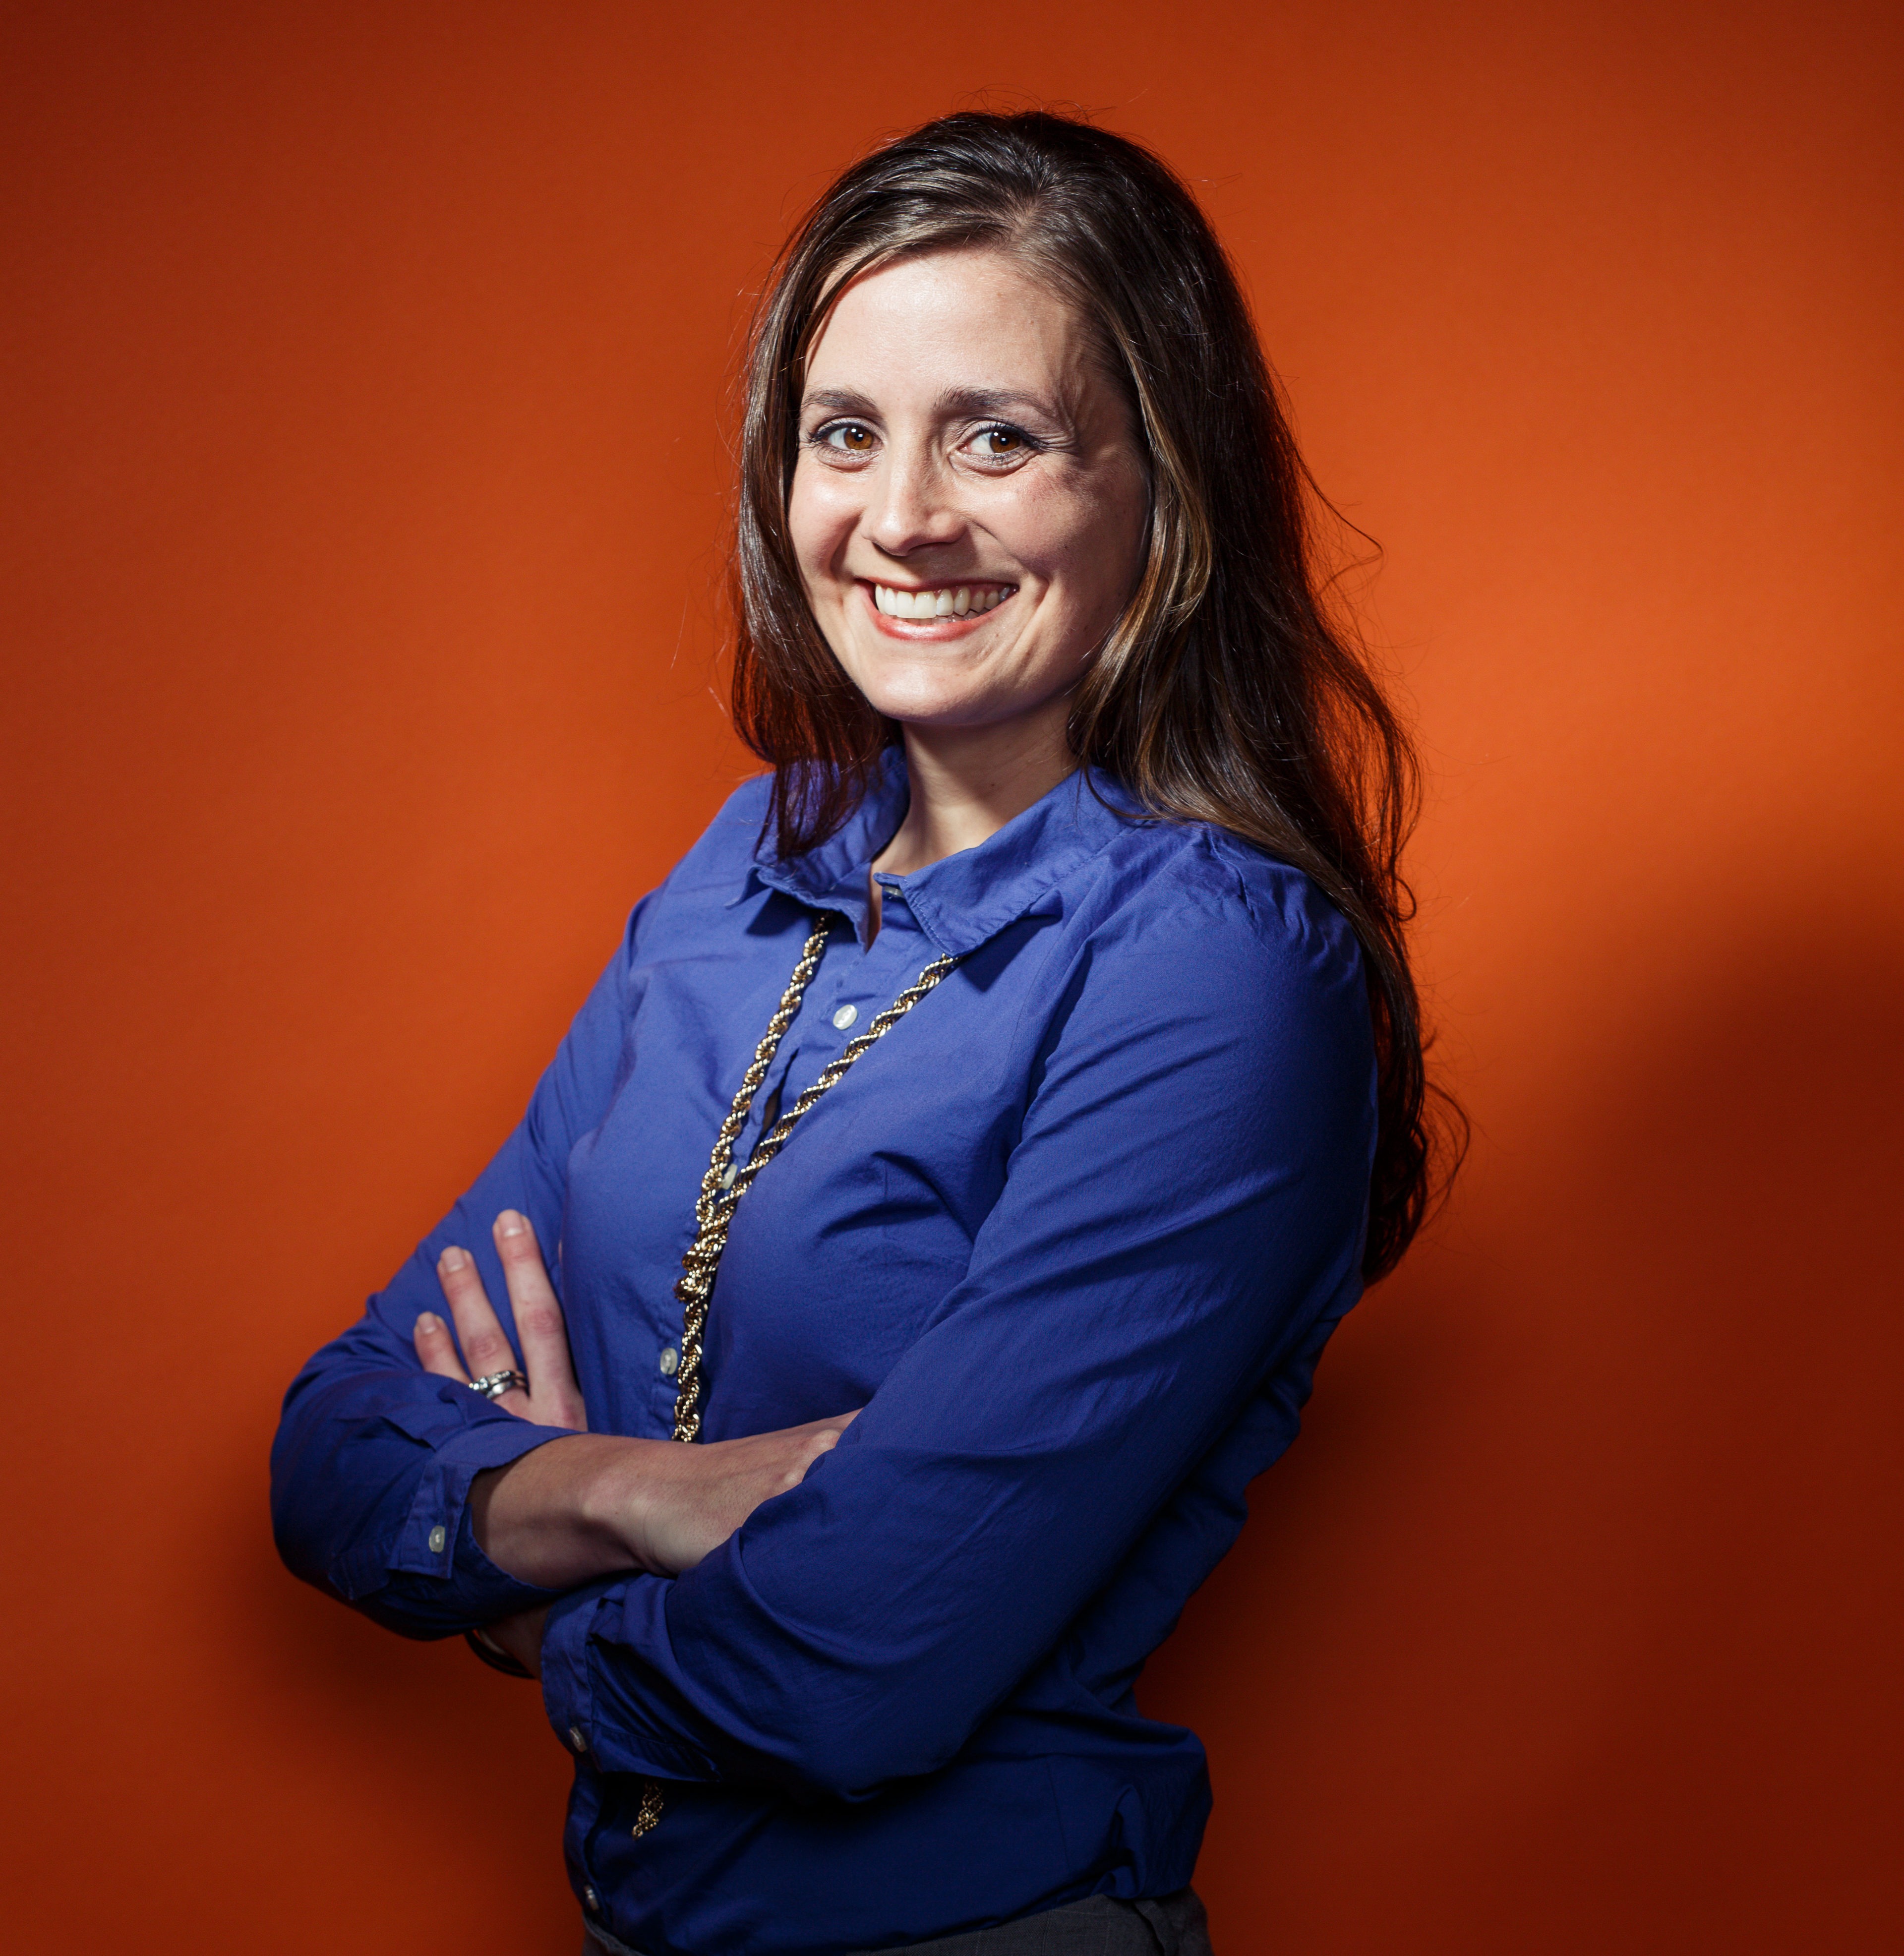 Kathryn Keeton, San Antonio Executive Coach